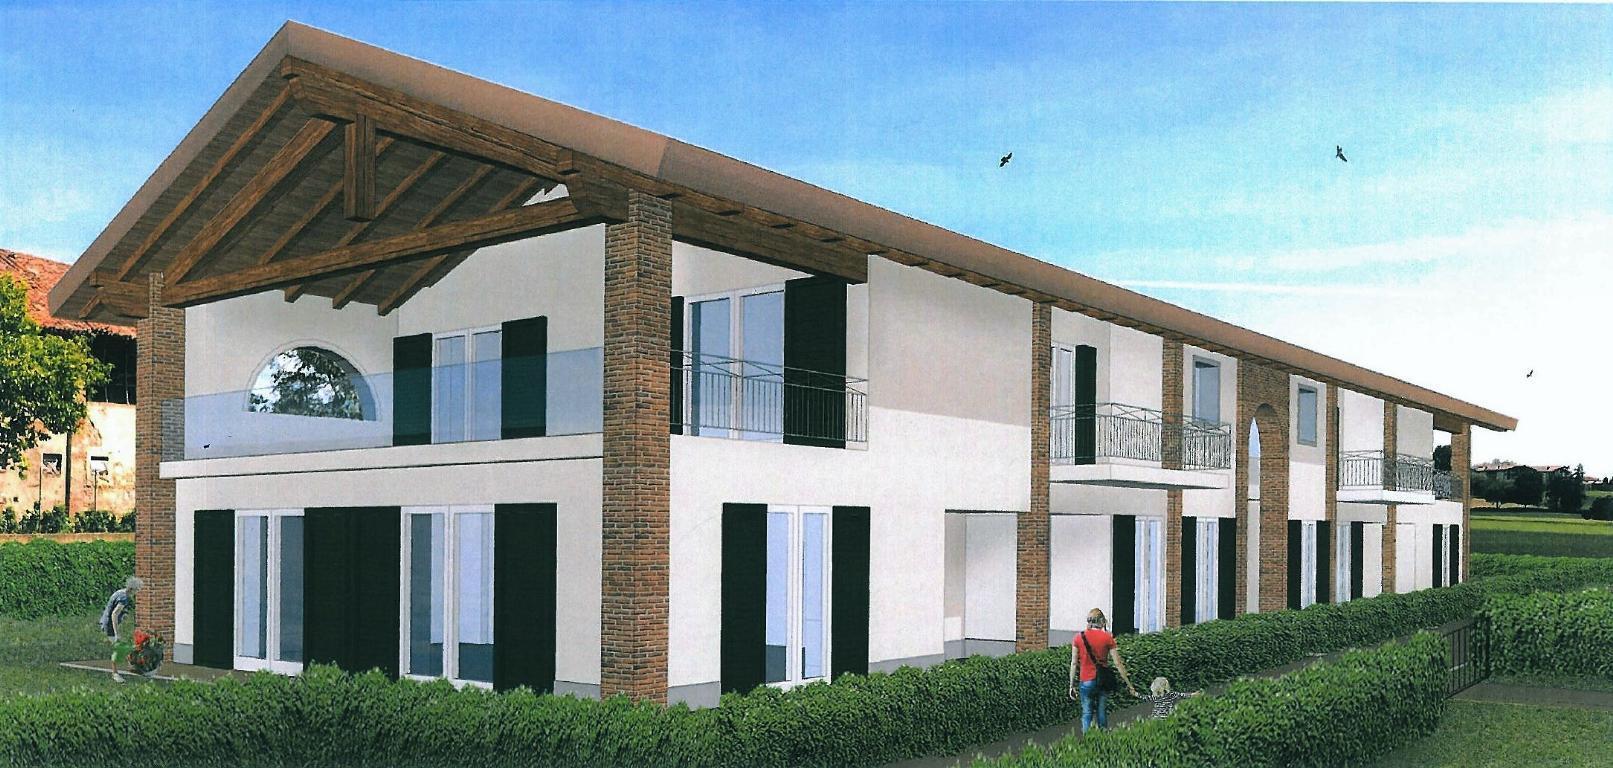 Appartamento in vendita a Casatenovo, 3 locali, prezzo € 230.000 | CambioCasa.it